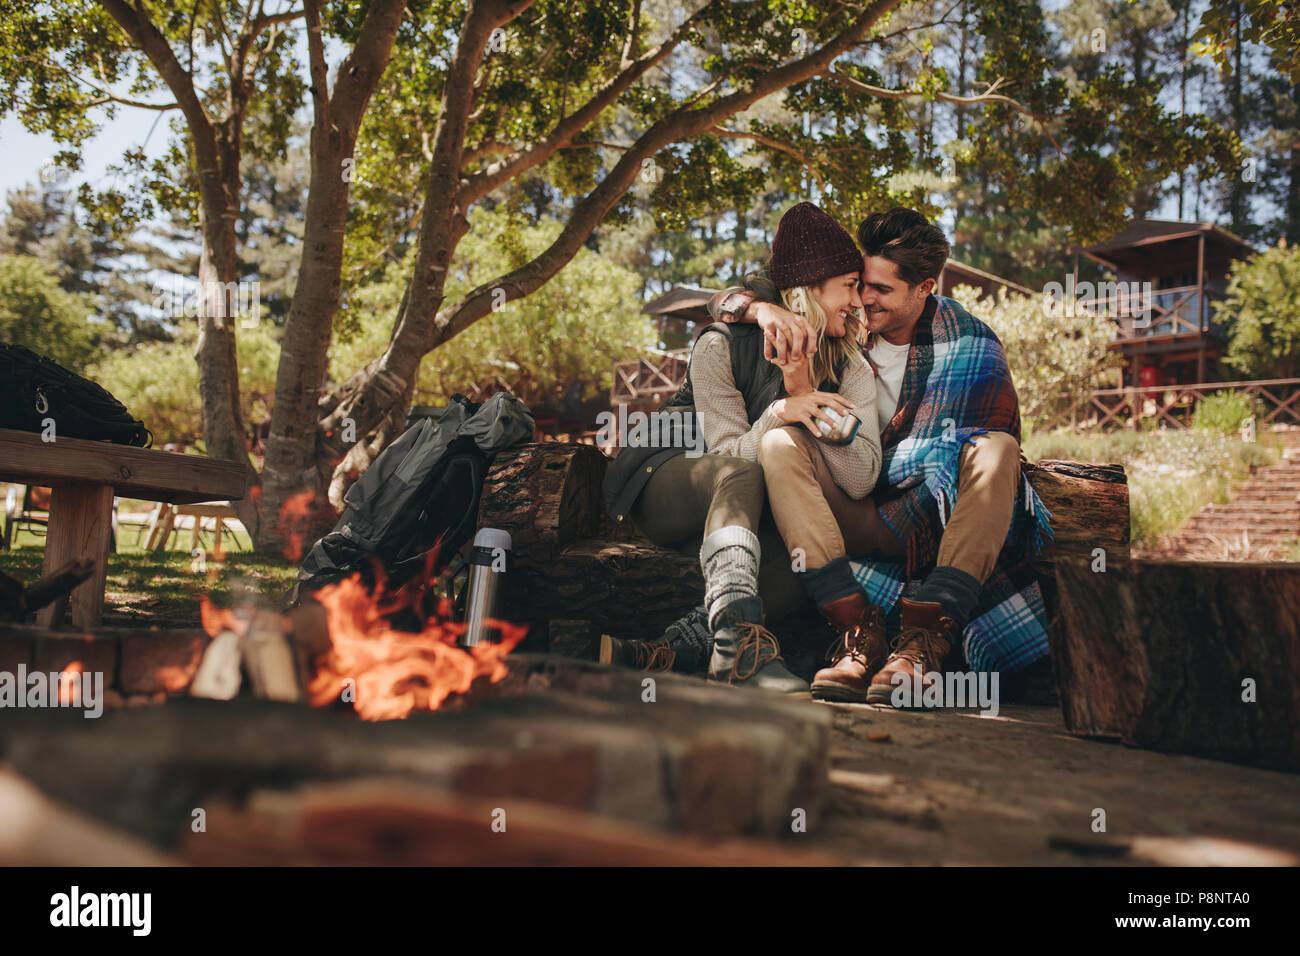 Matura in amore seduta vicino a un falò al campeggio. L uomo e la donna sorpresa in un momento romantico al campeggio. Immagini Stock